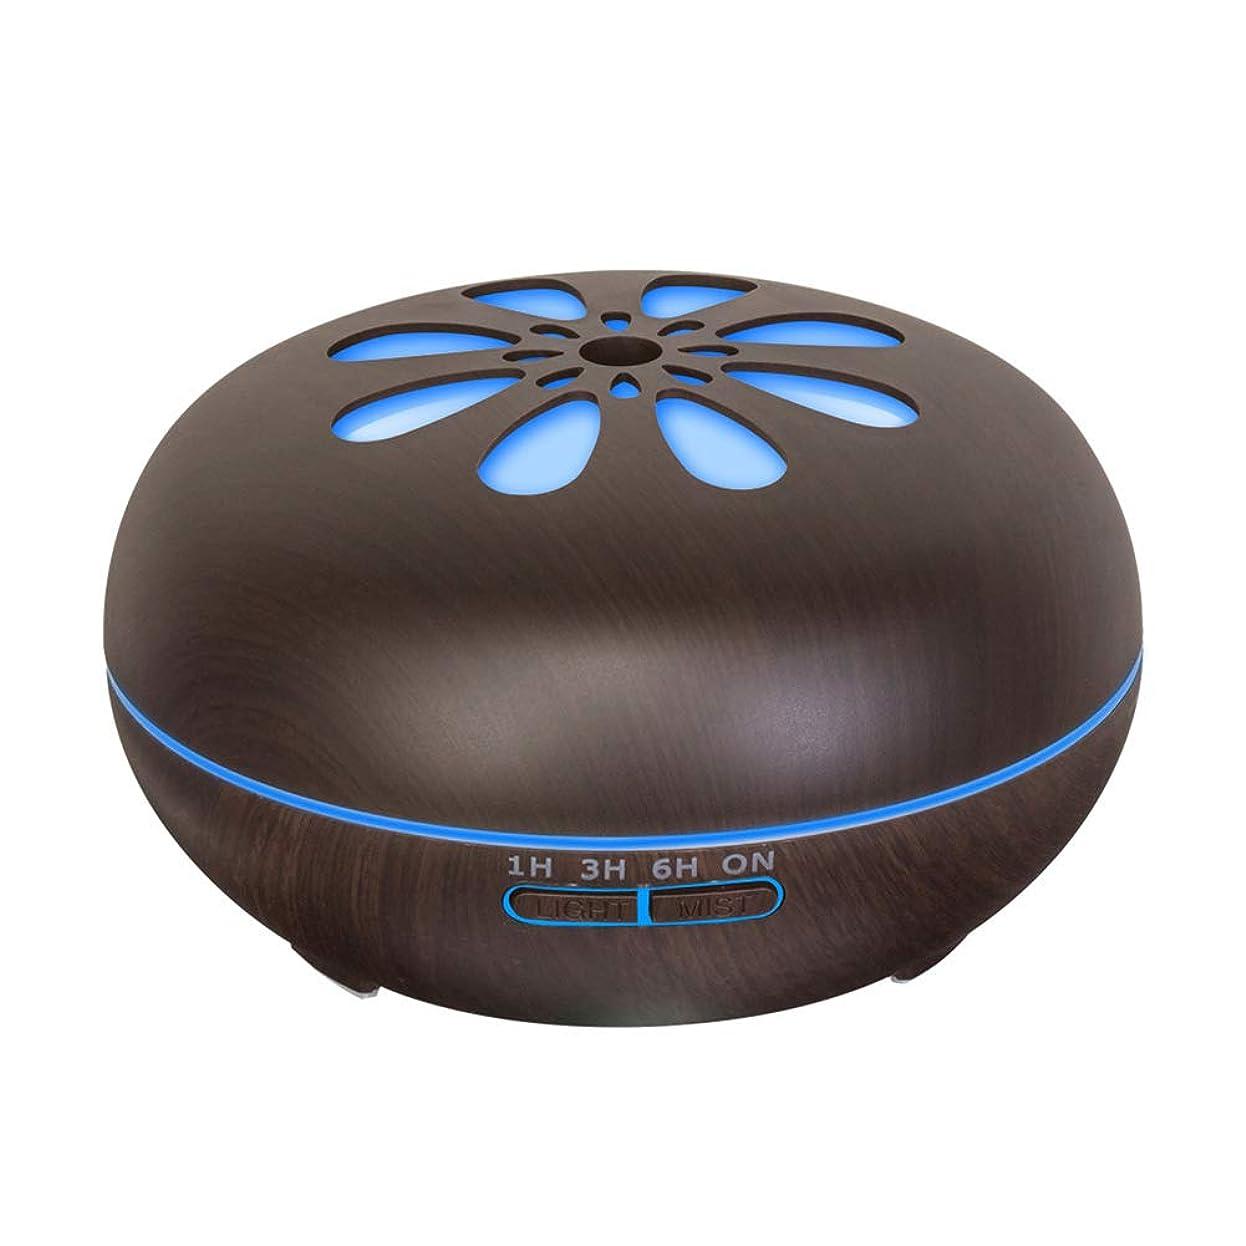 に負ける新年流550 Ml 木目 涼しい霧 加湿器,リモコン 7 色 超音波式 加湿機 時間 香り 精油 ディフューザー ホーム オフィス リビング ルーム Yoga-h